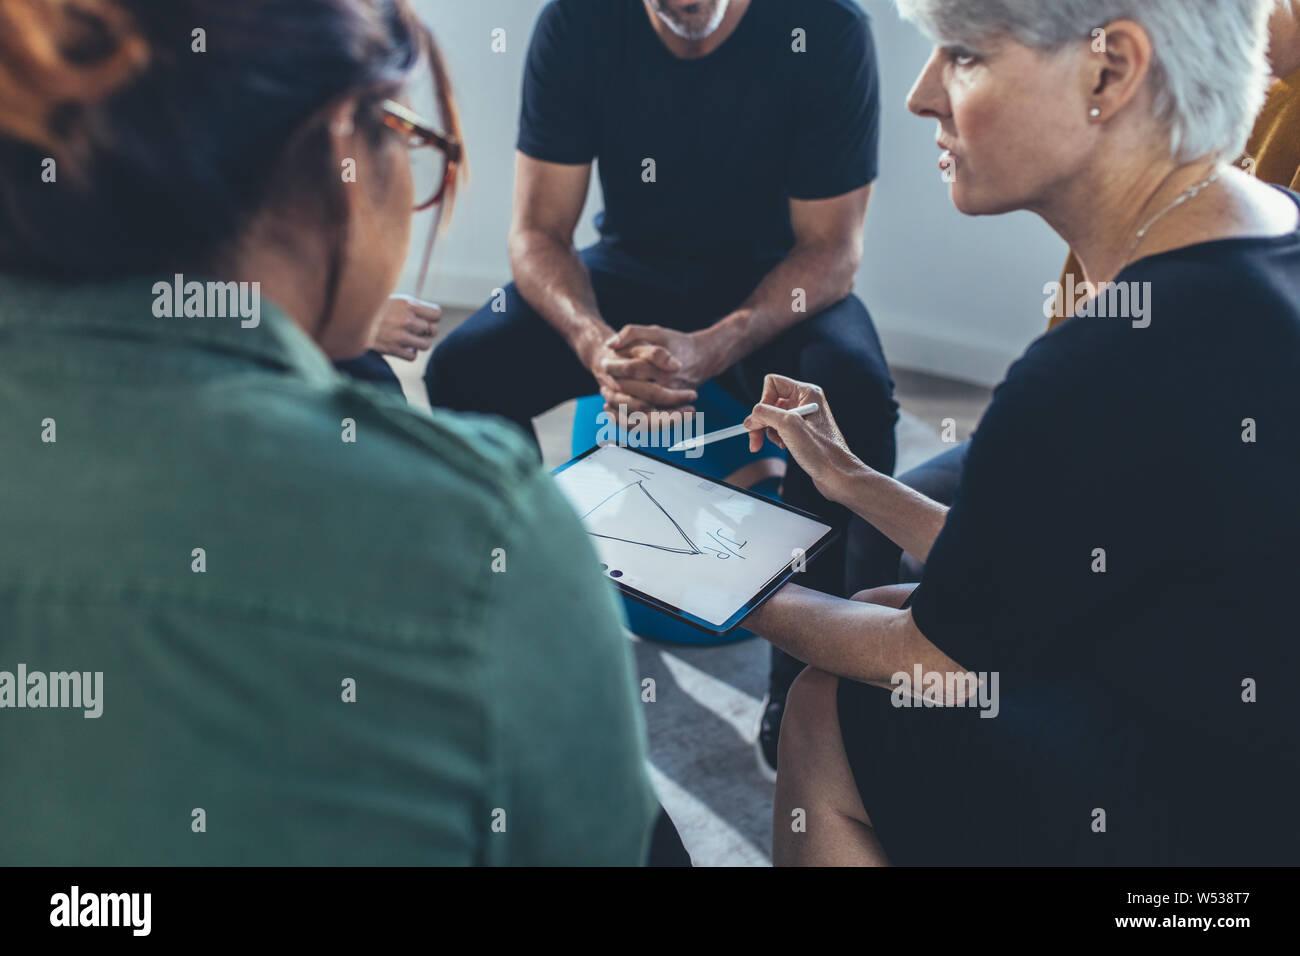 Mujer de negocios maduros para explicar la estrategia para el equipo en una reunión. Grupo multiétnico de gente sentada junto con una reunión. Foto de stock